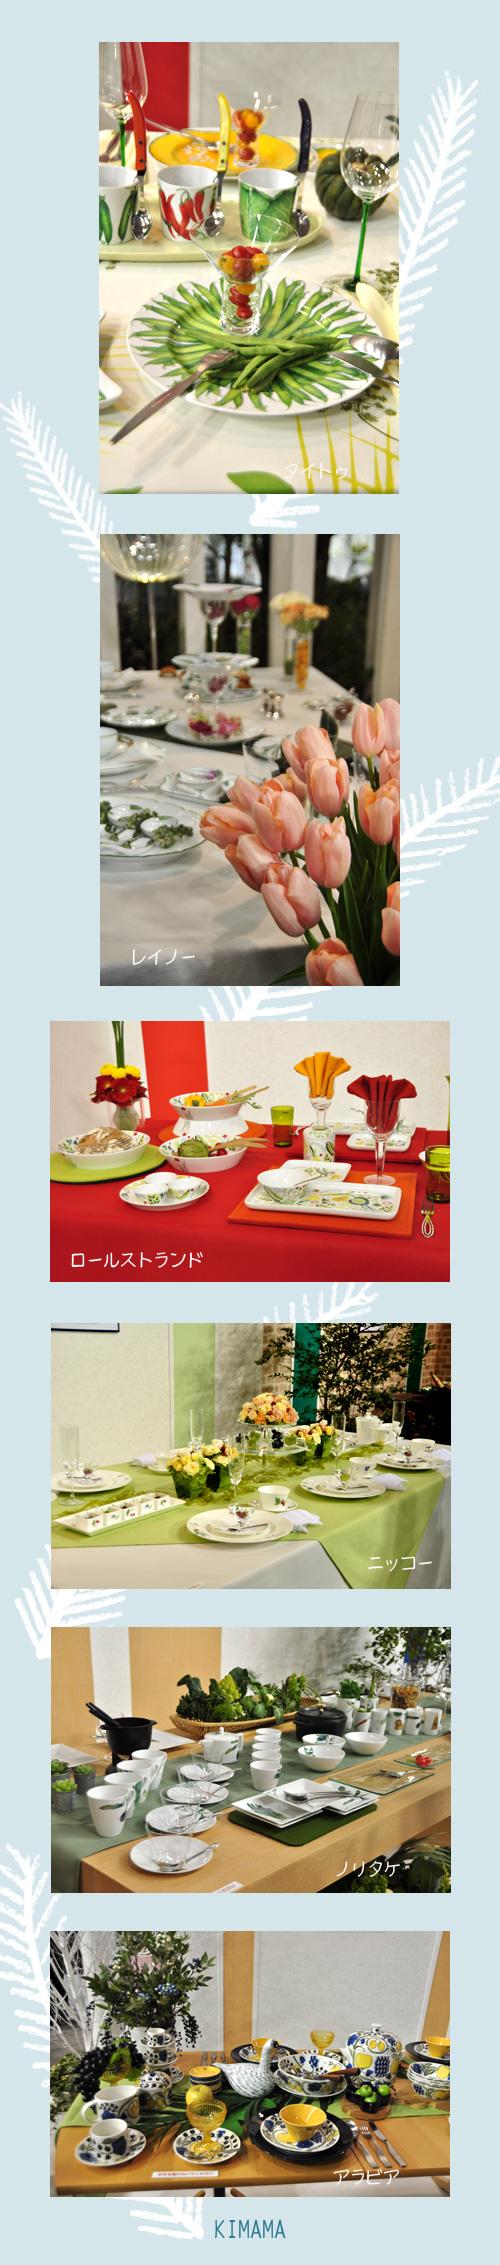 2月9日テーブルウェアフェスティバル3